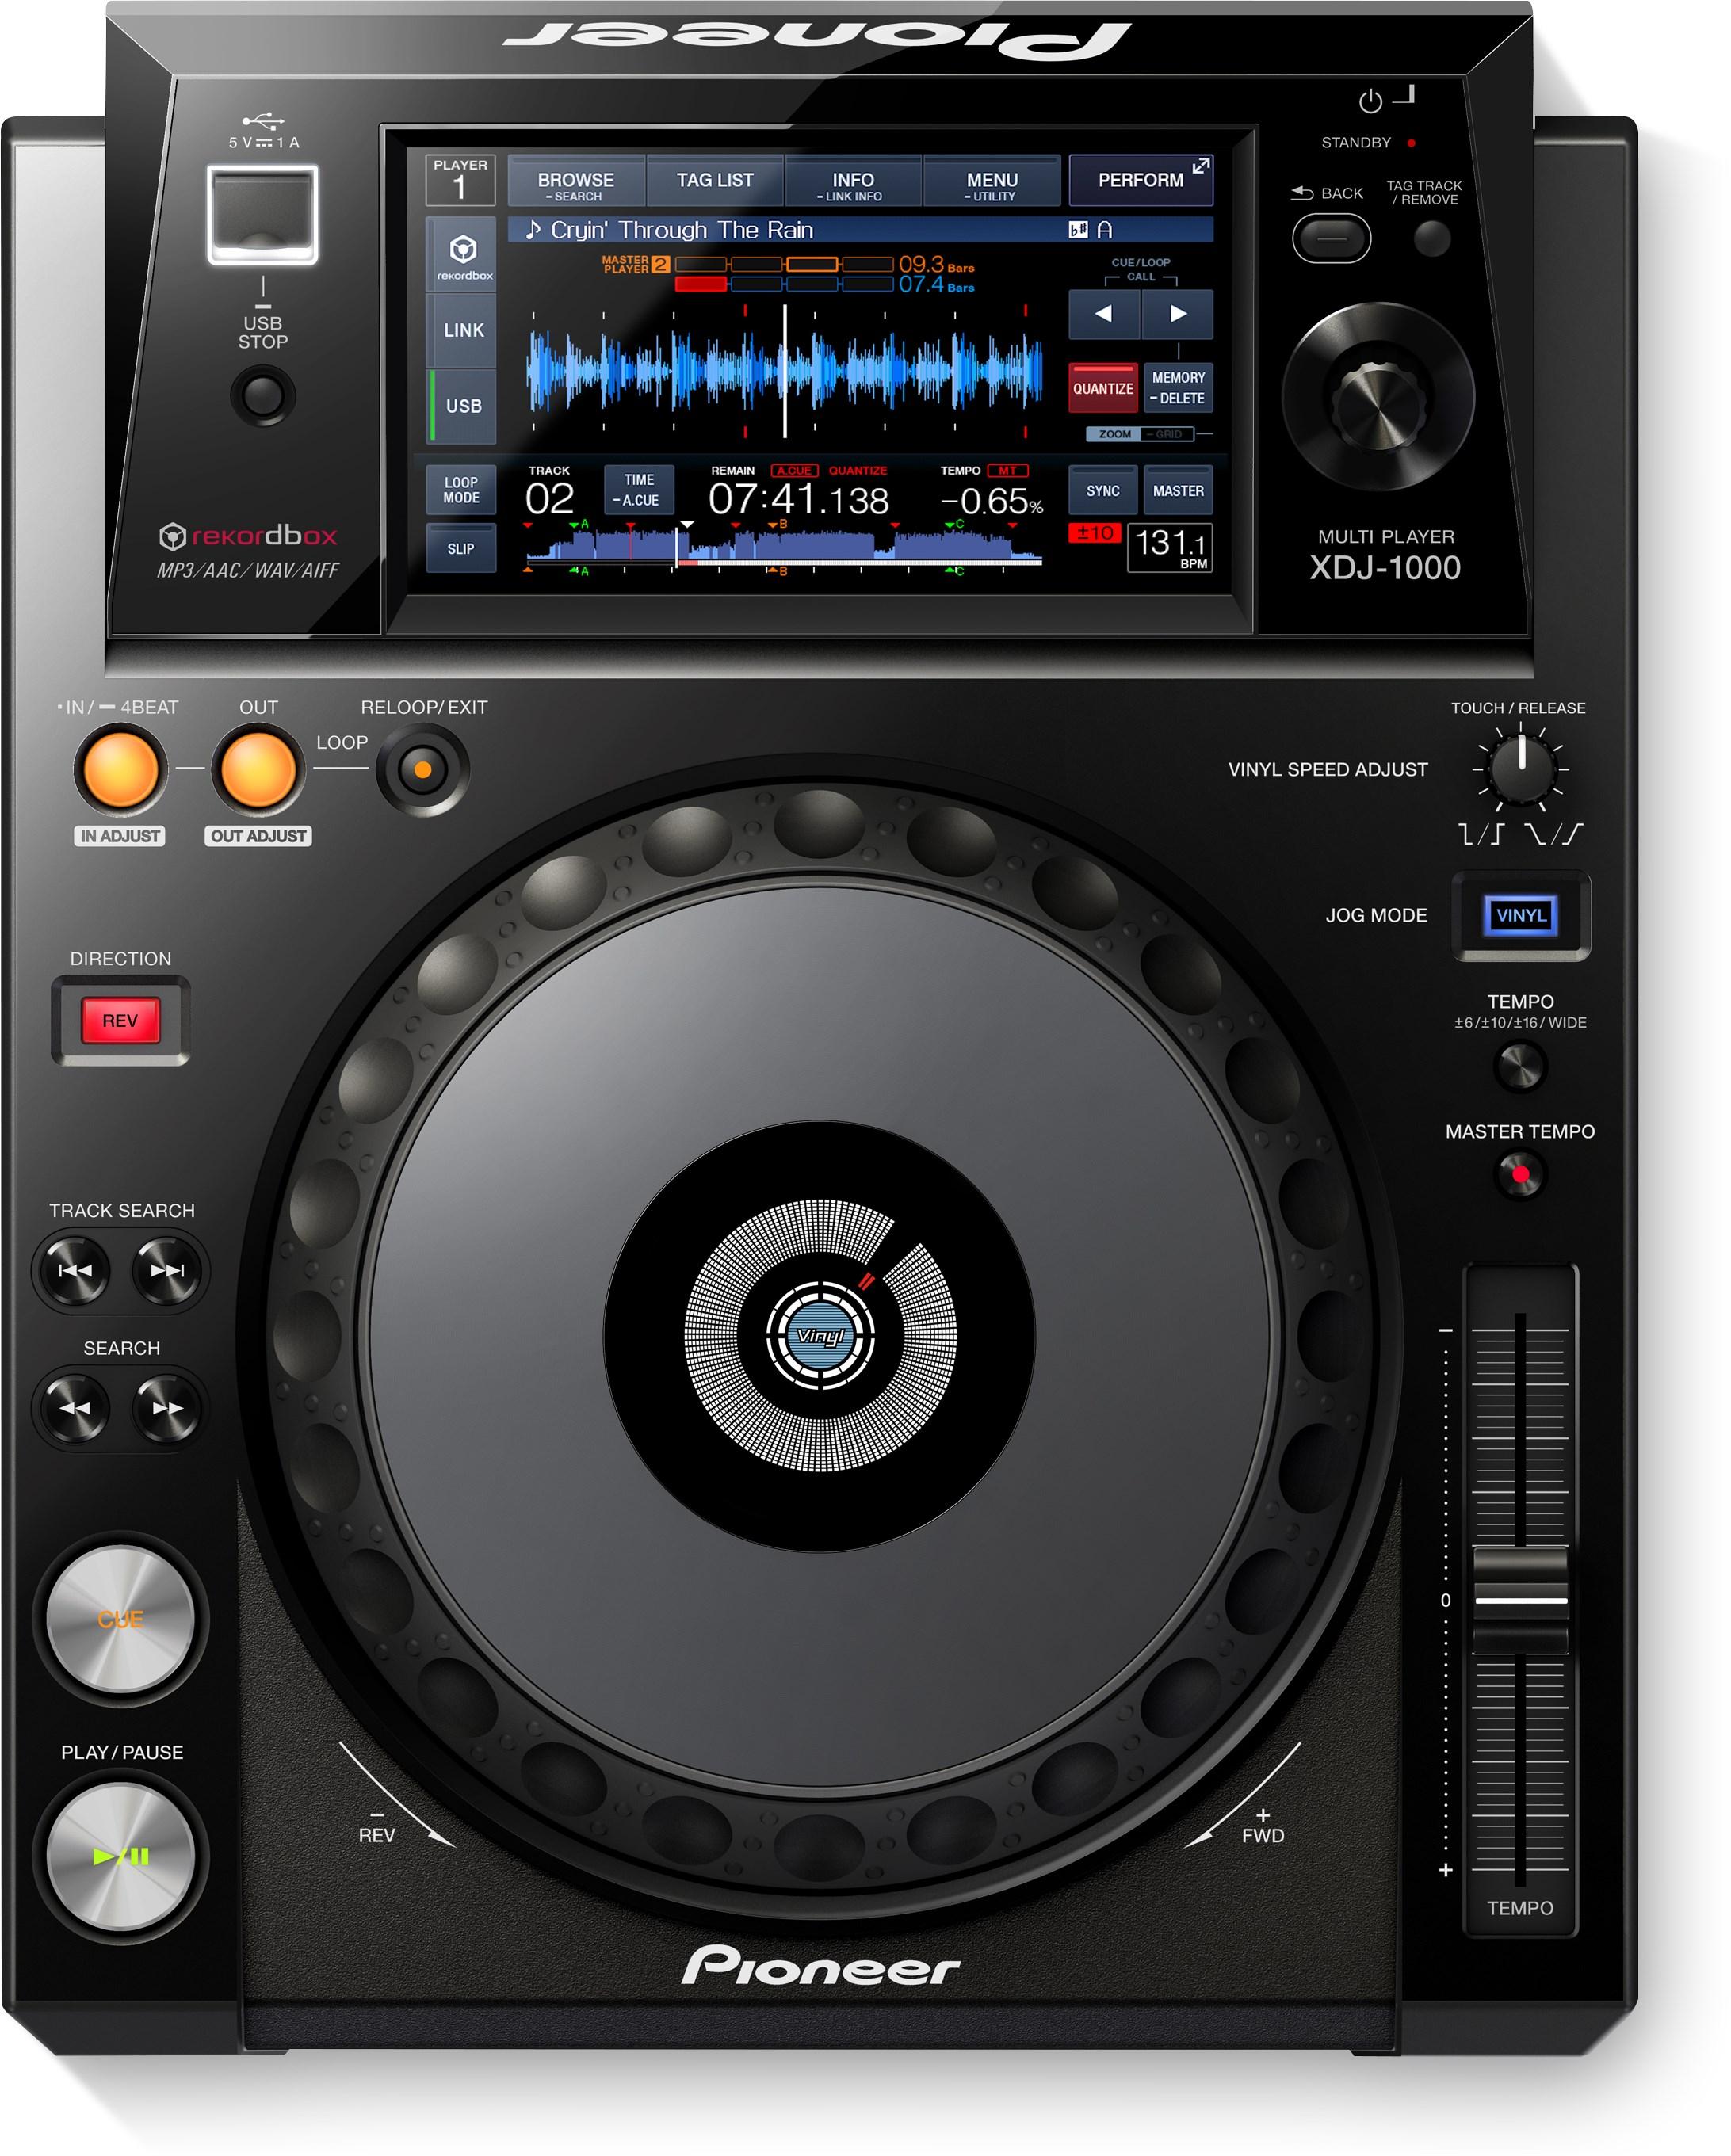 XDJ-1000